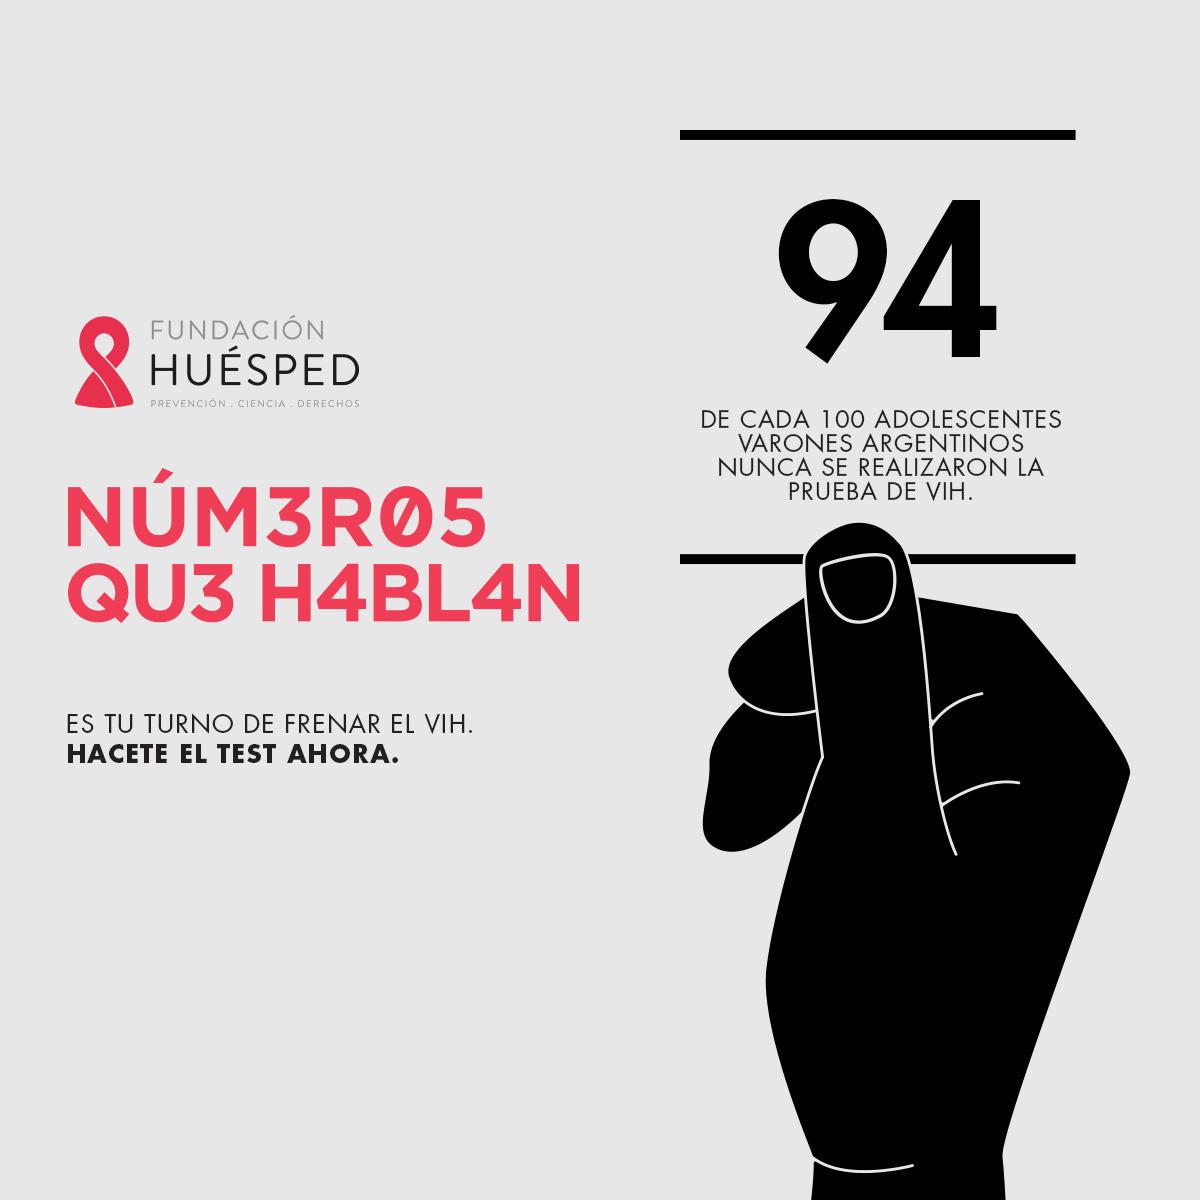 El Día Internacional de lucha contra el sida en la web